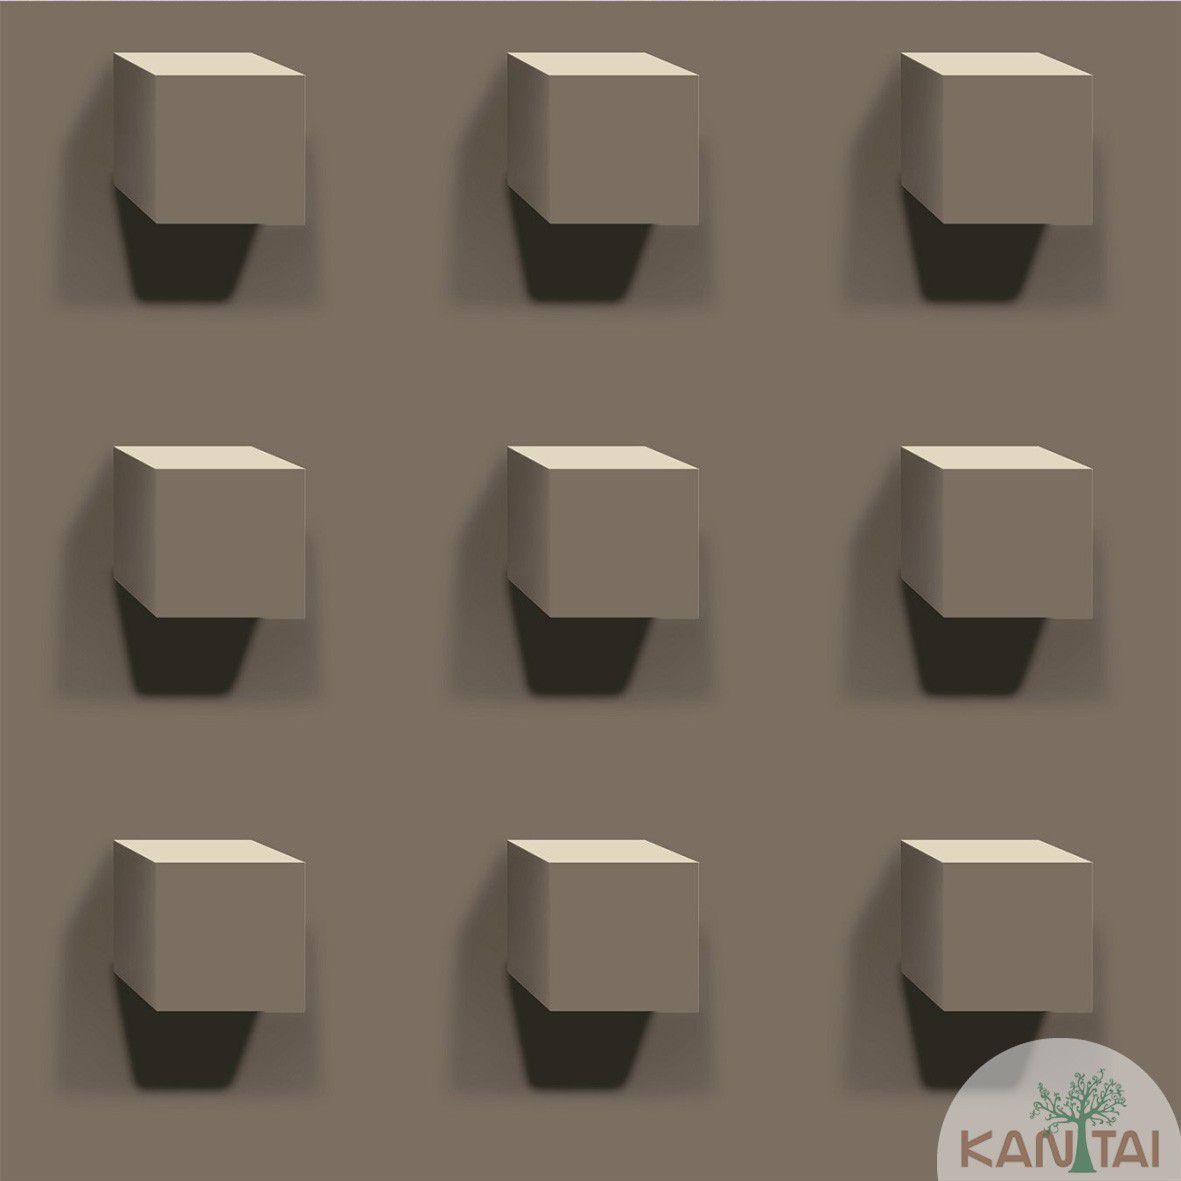 Papel de Parede Kan Tai Vinilico Coleção Style Geométrico 3d Marrom